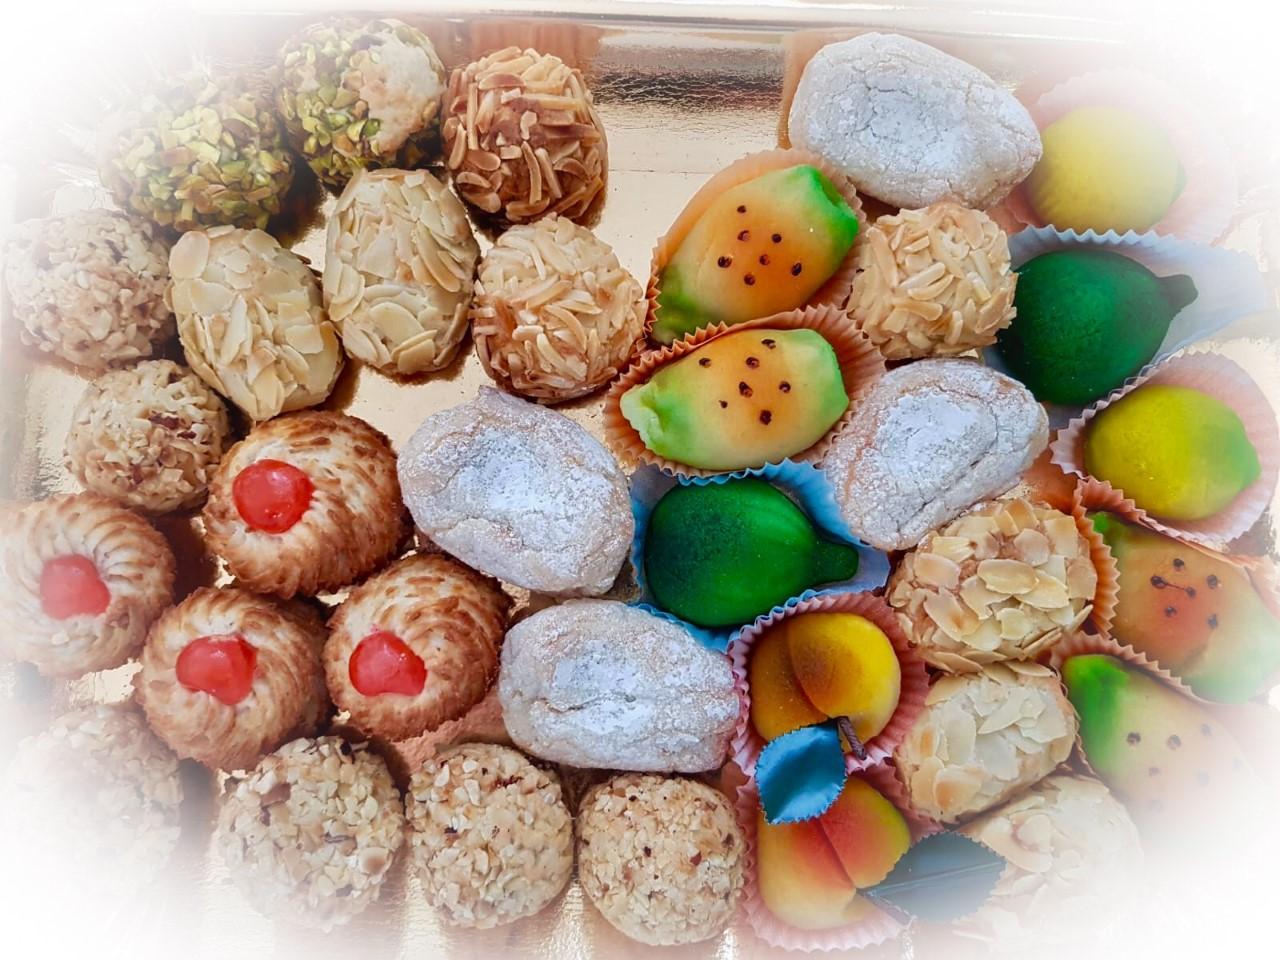 I dolci di Natale del Salento dolci di mandorle